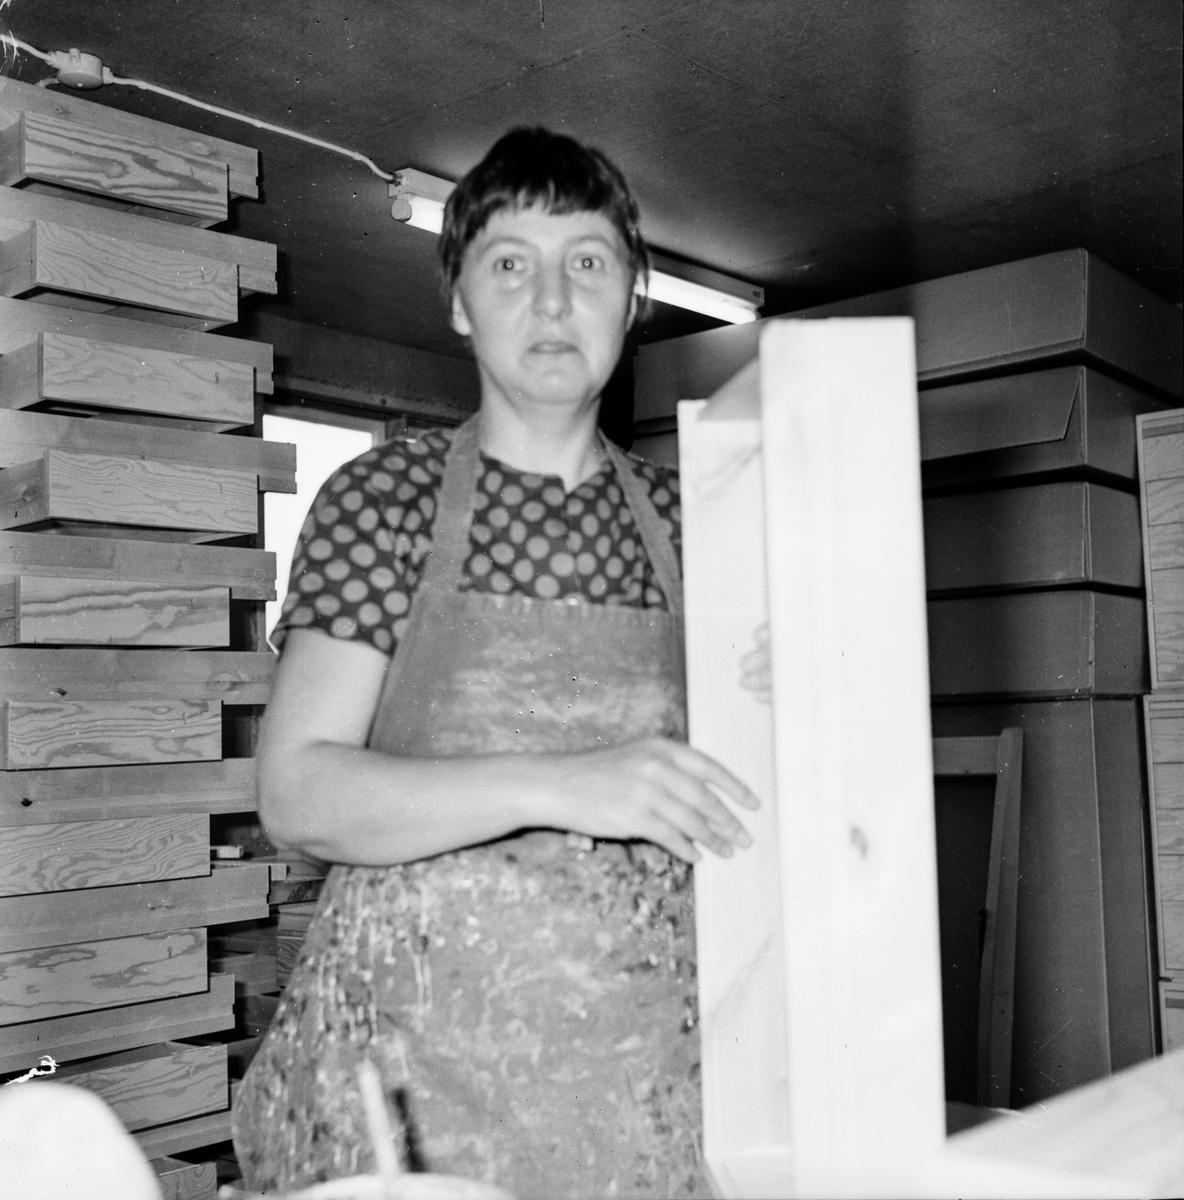 Affären i Flästa upphör. Augusti 1972